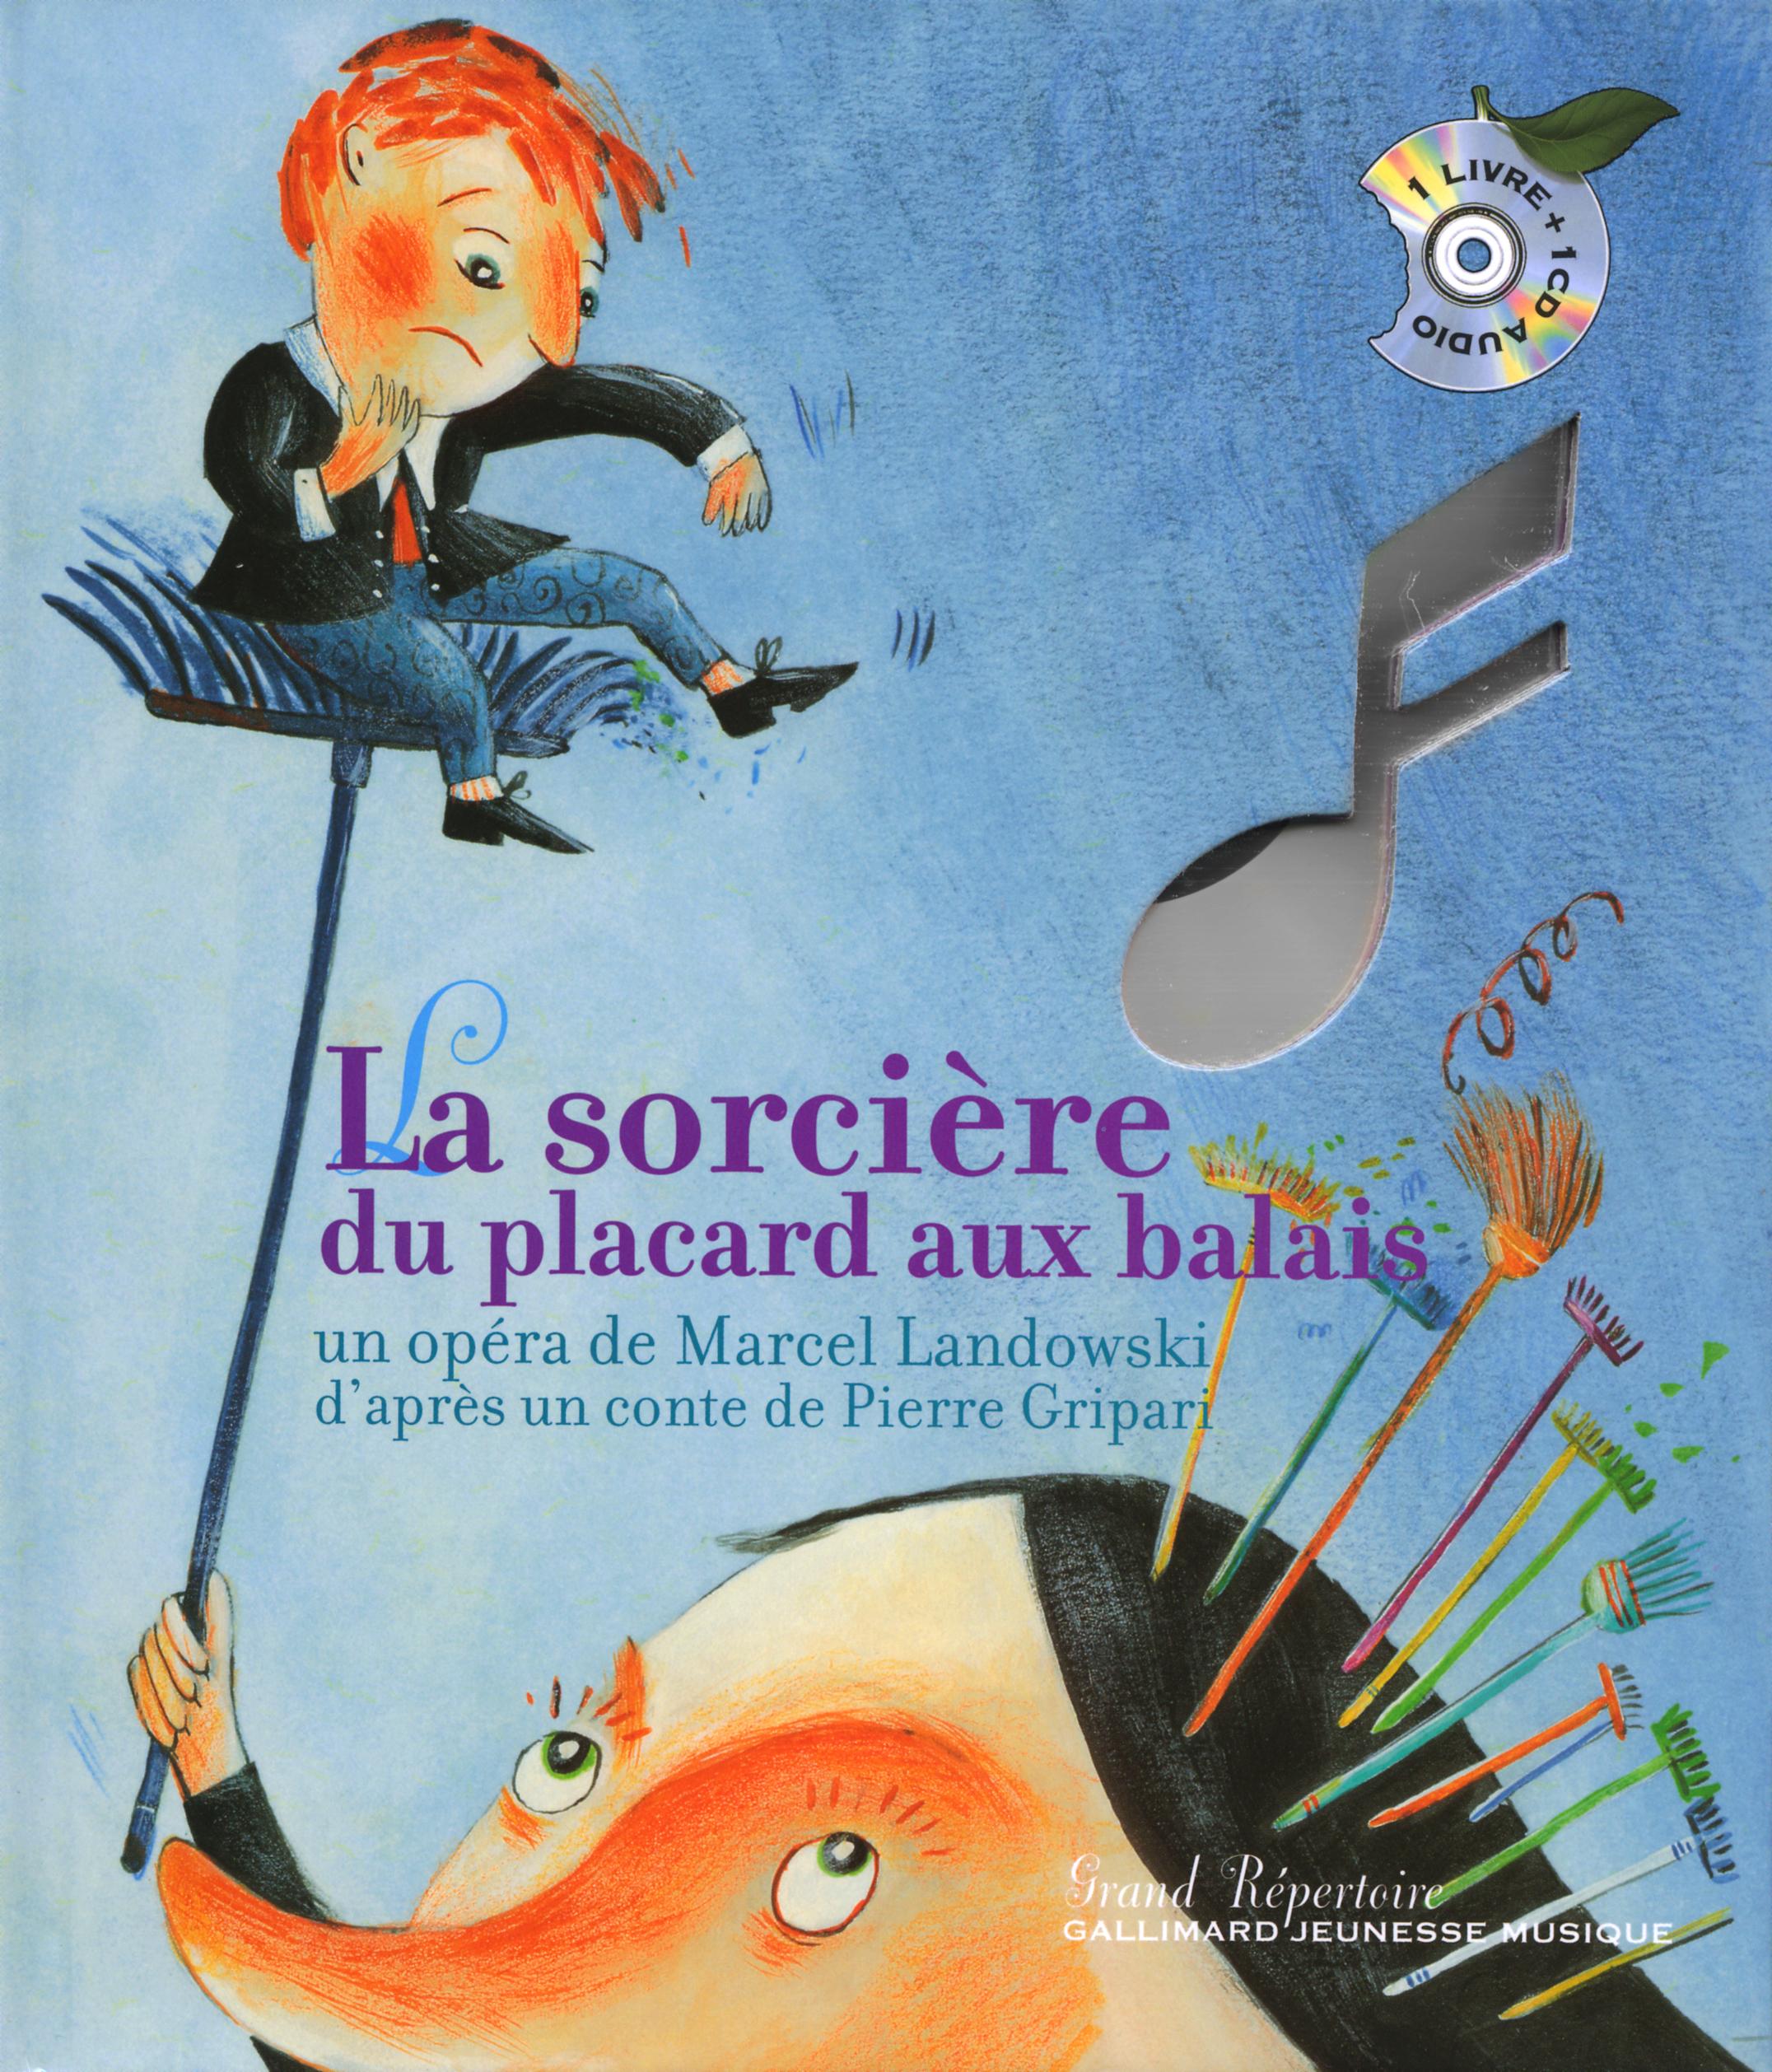 La Maison Du Placard Paris pour la sorcière du placard aux balais - grand répertoire - gallimard